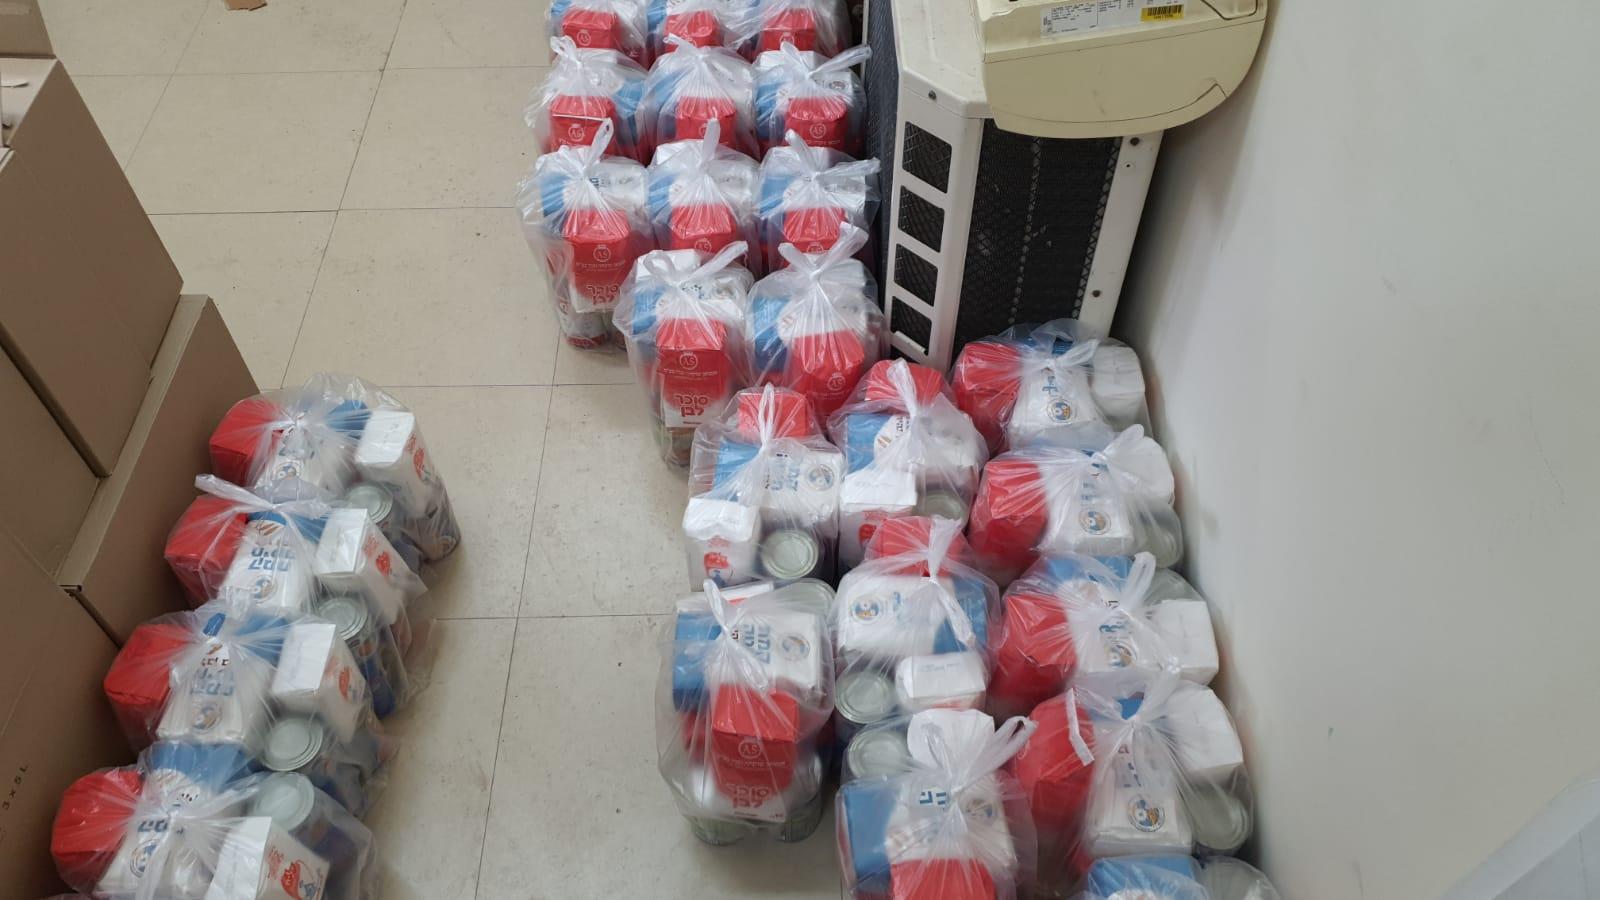 اللد : لجنة الزكاة المحلية توزع الطرود الغذائية على العائلات المستورة